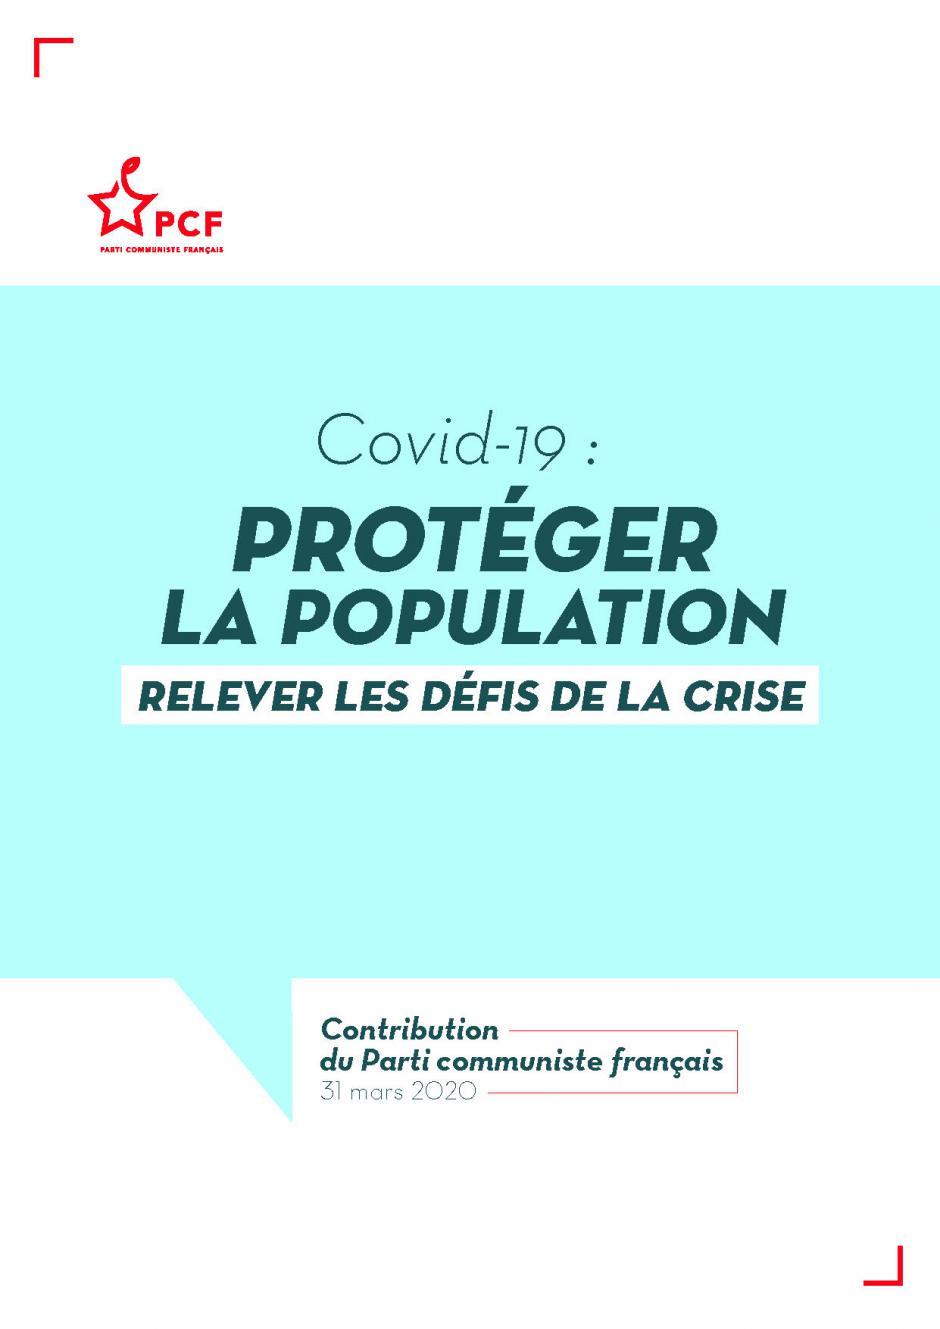 COVID-19 : Protéger la population et relever les défis de la crise.